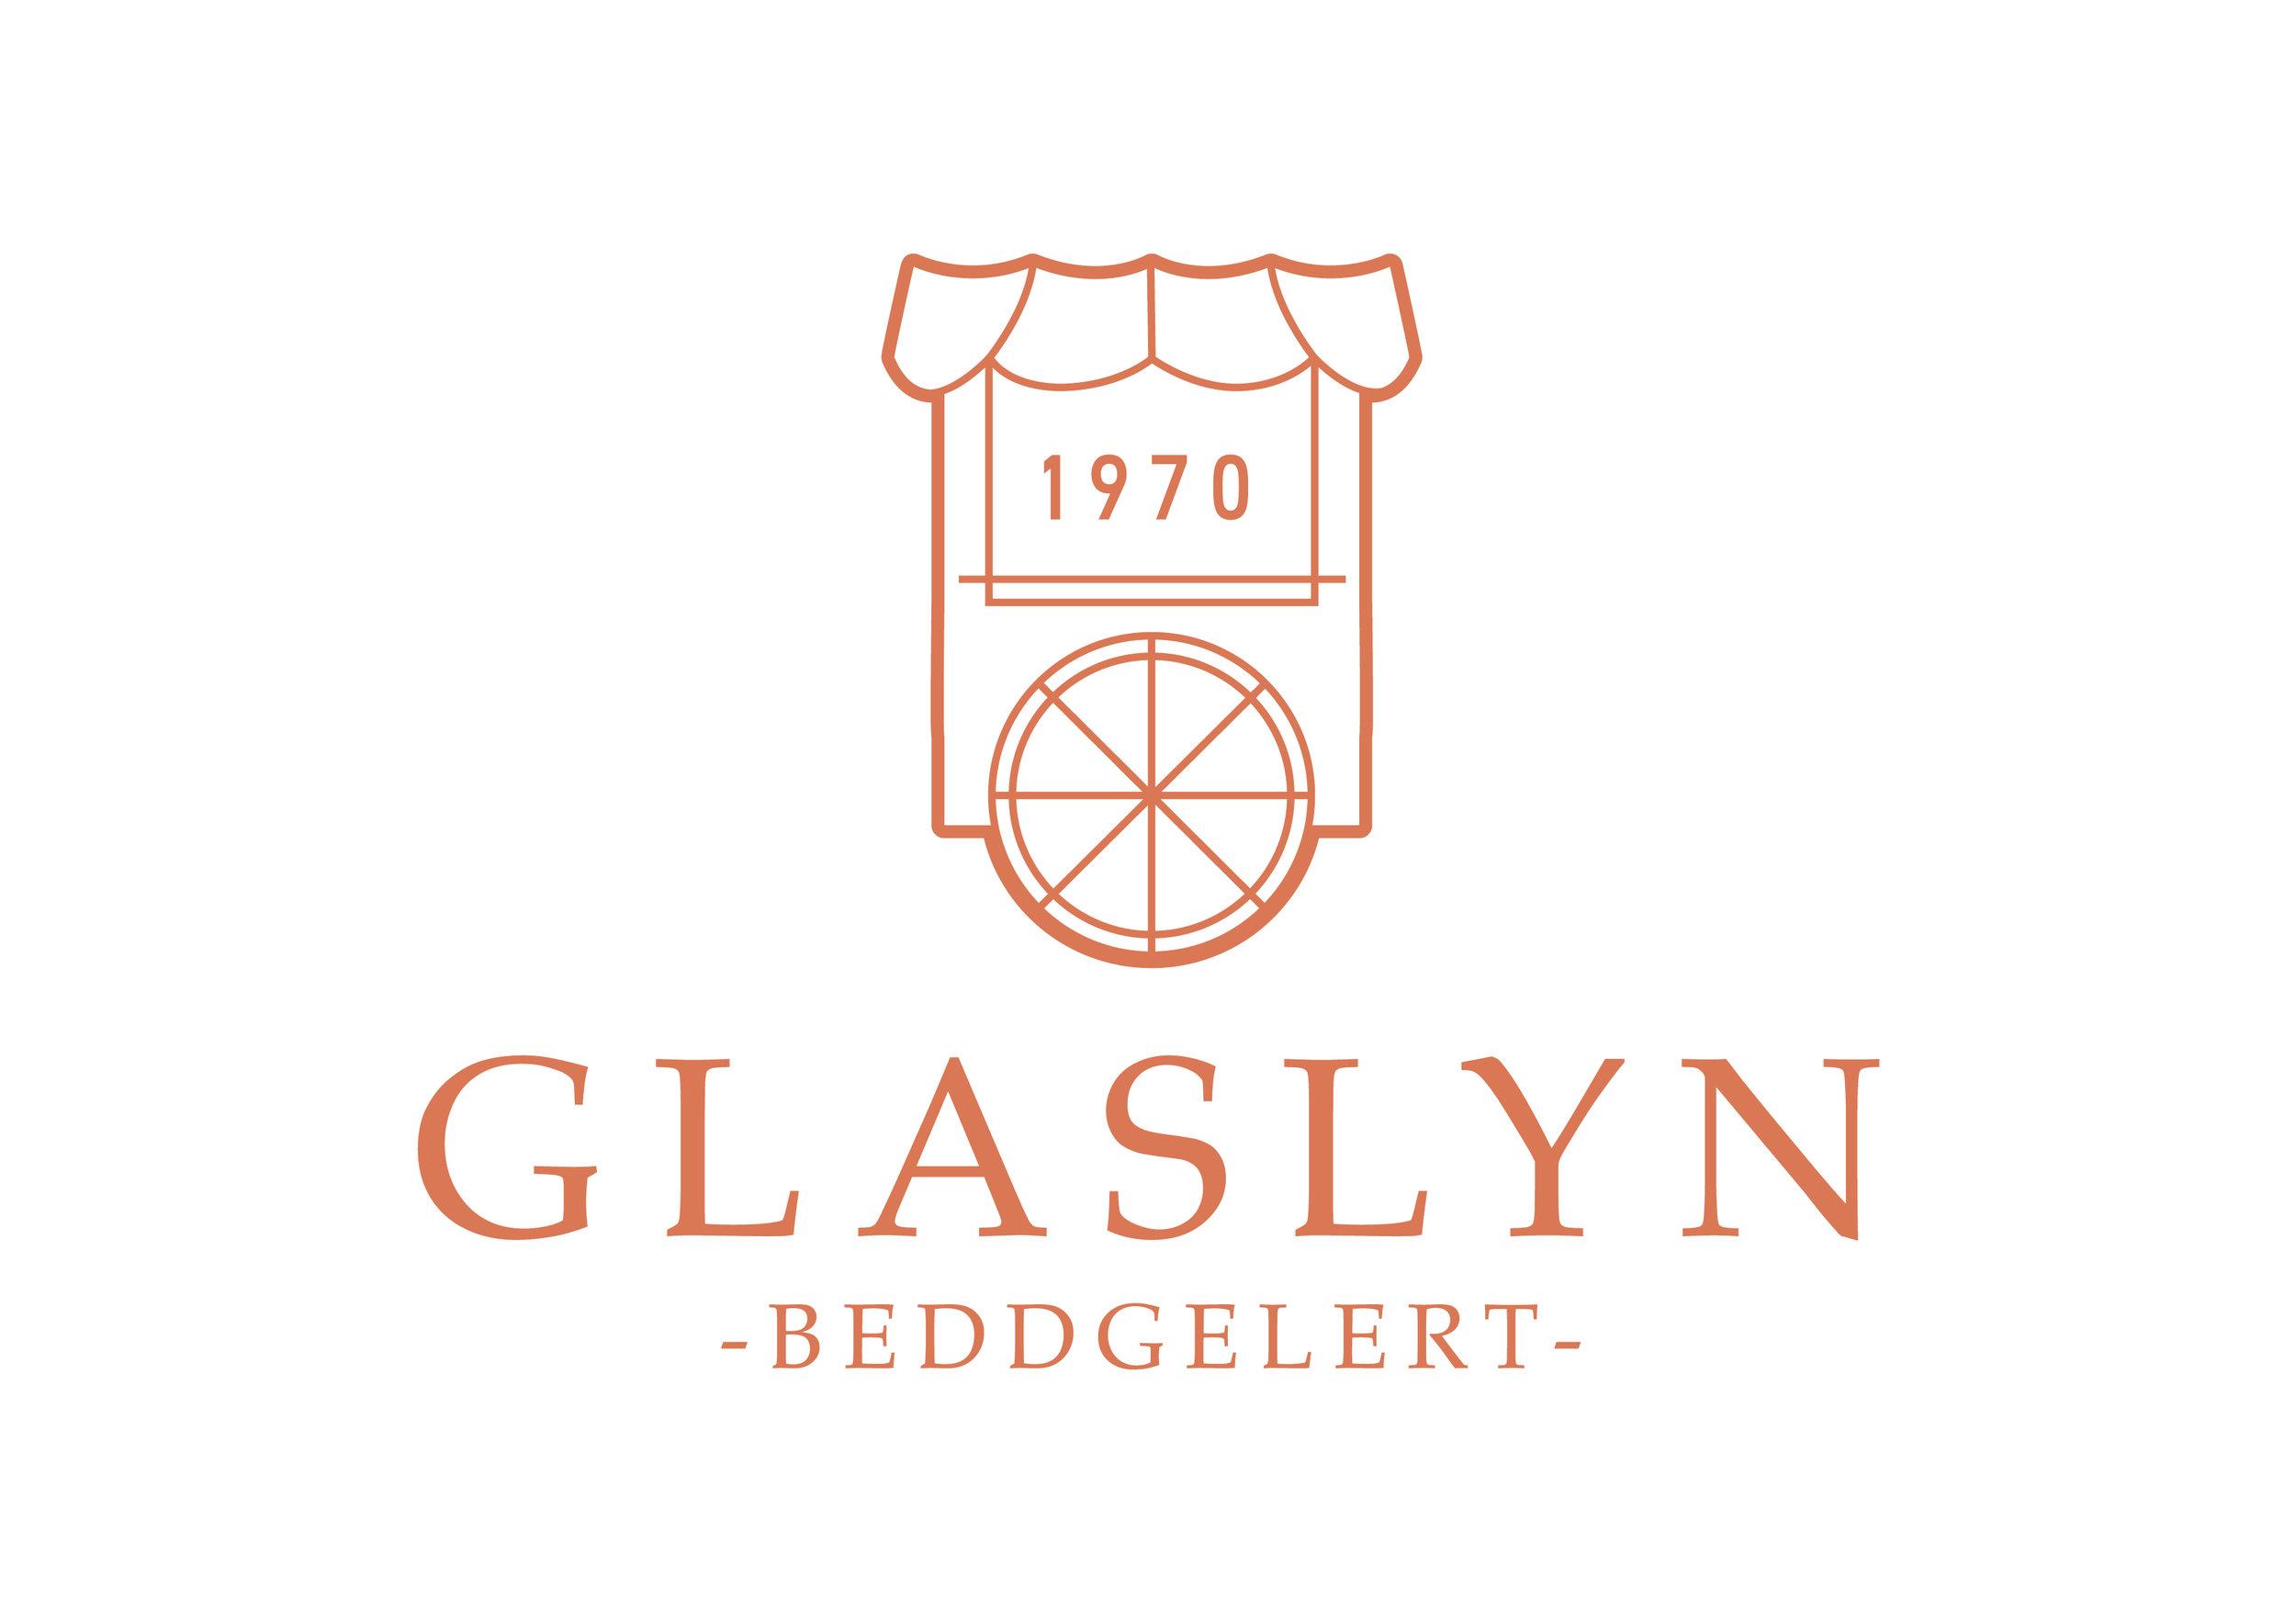 GLASLYN2.jpg